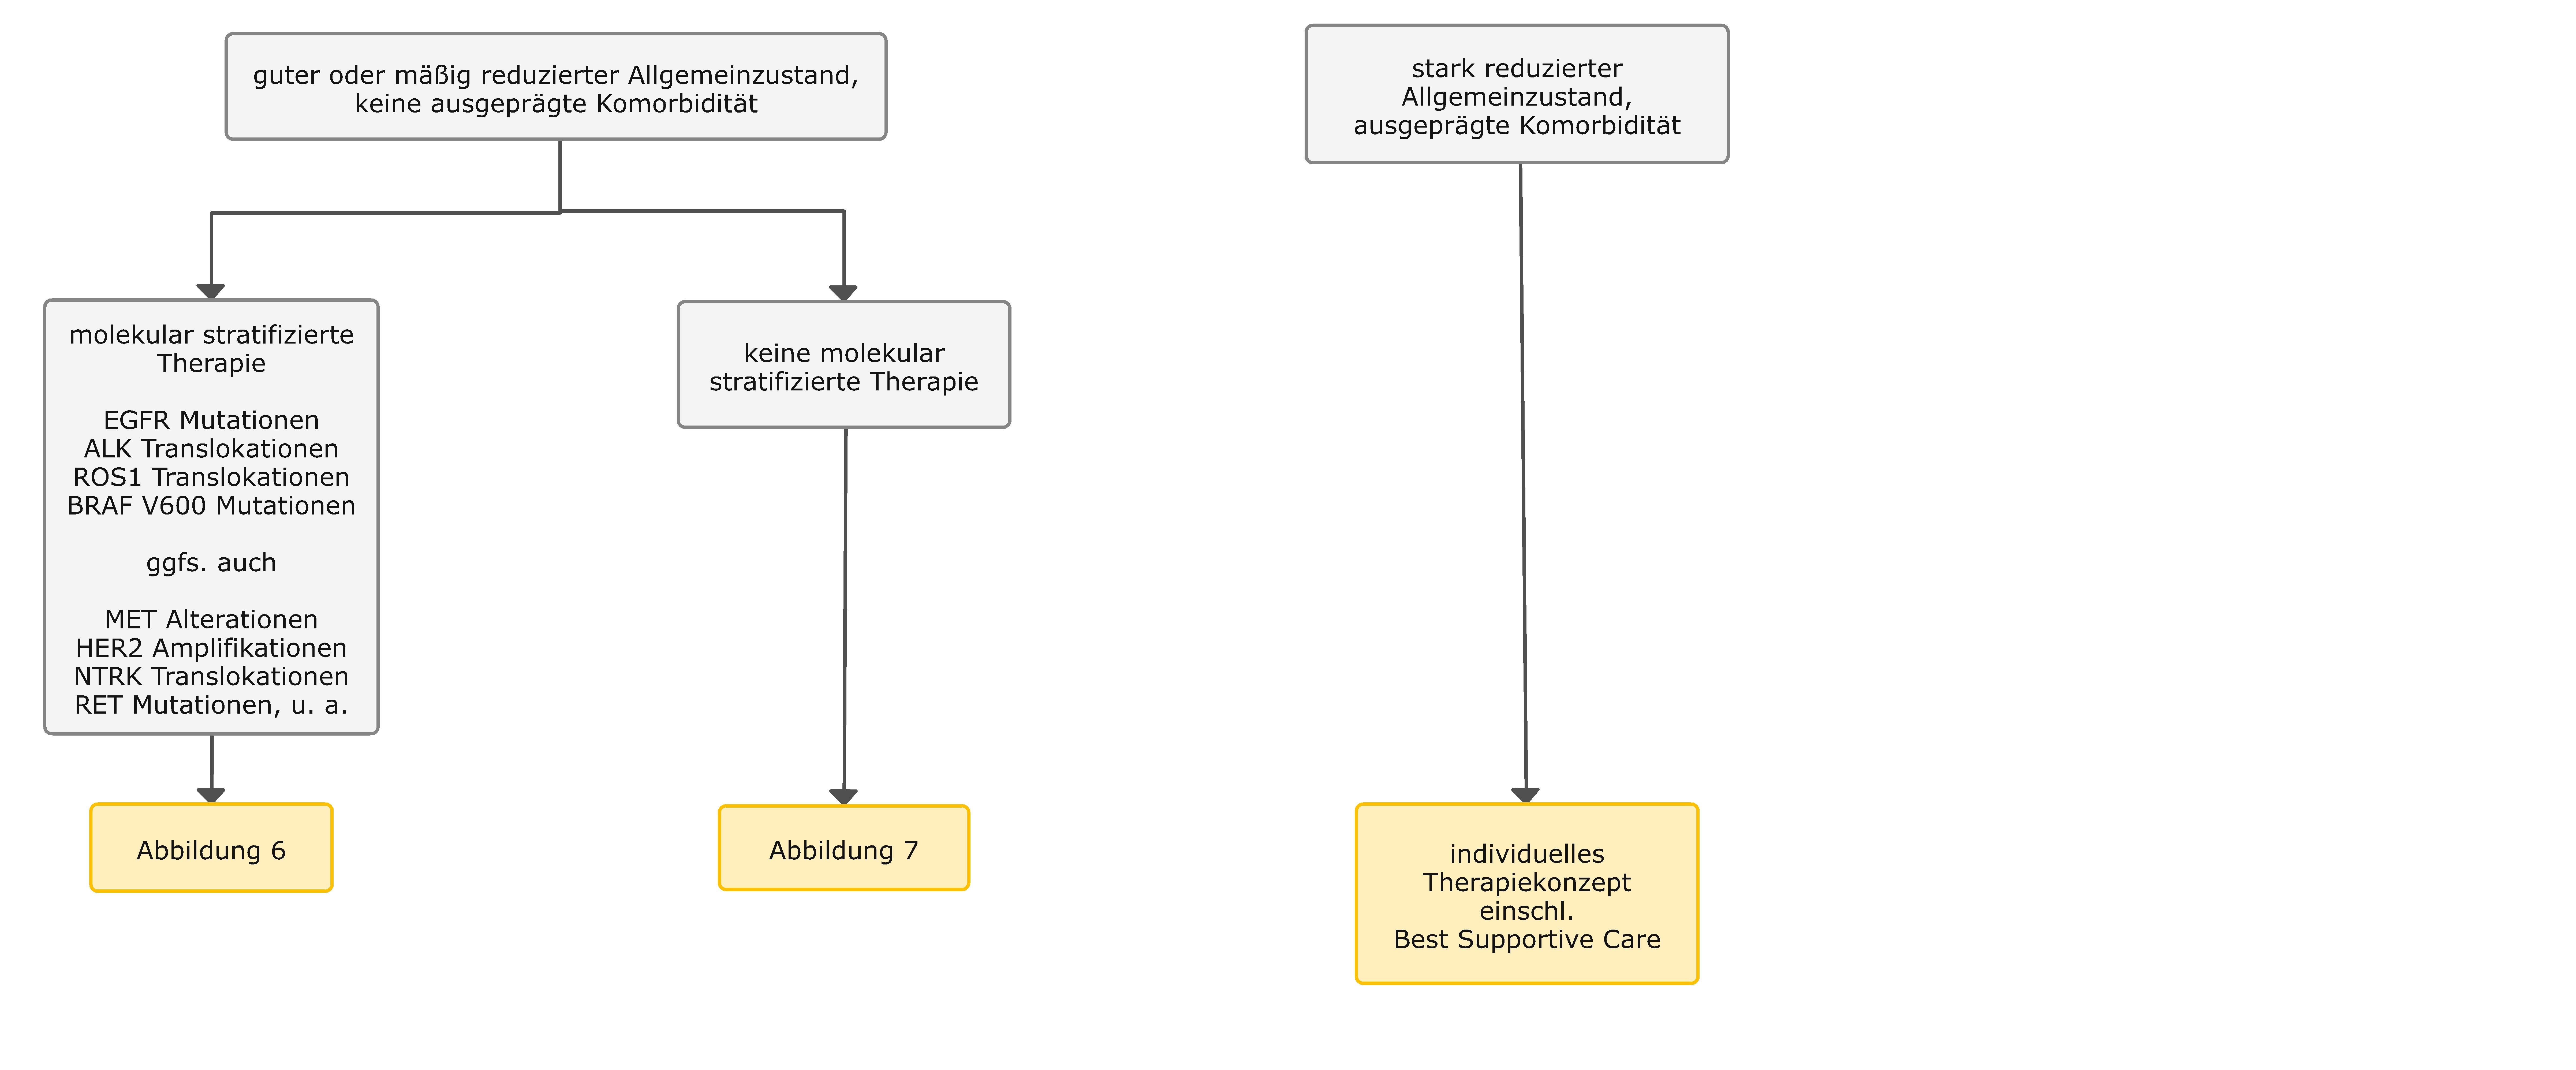 Algorithmus für die medikamentöse Therapie in fortgeschrittenen Stadien – Übersicht